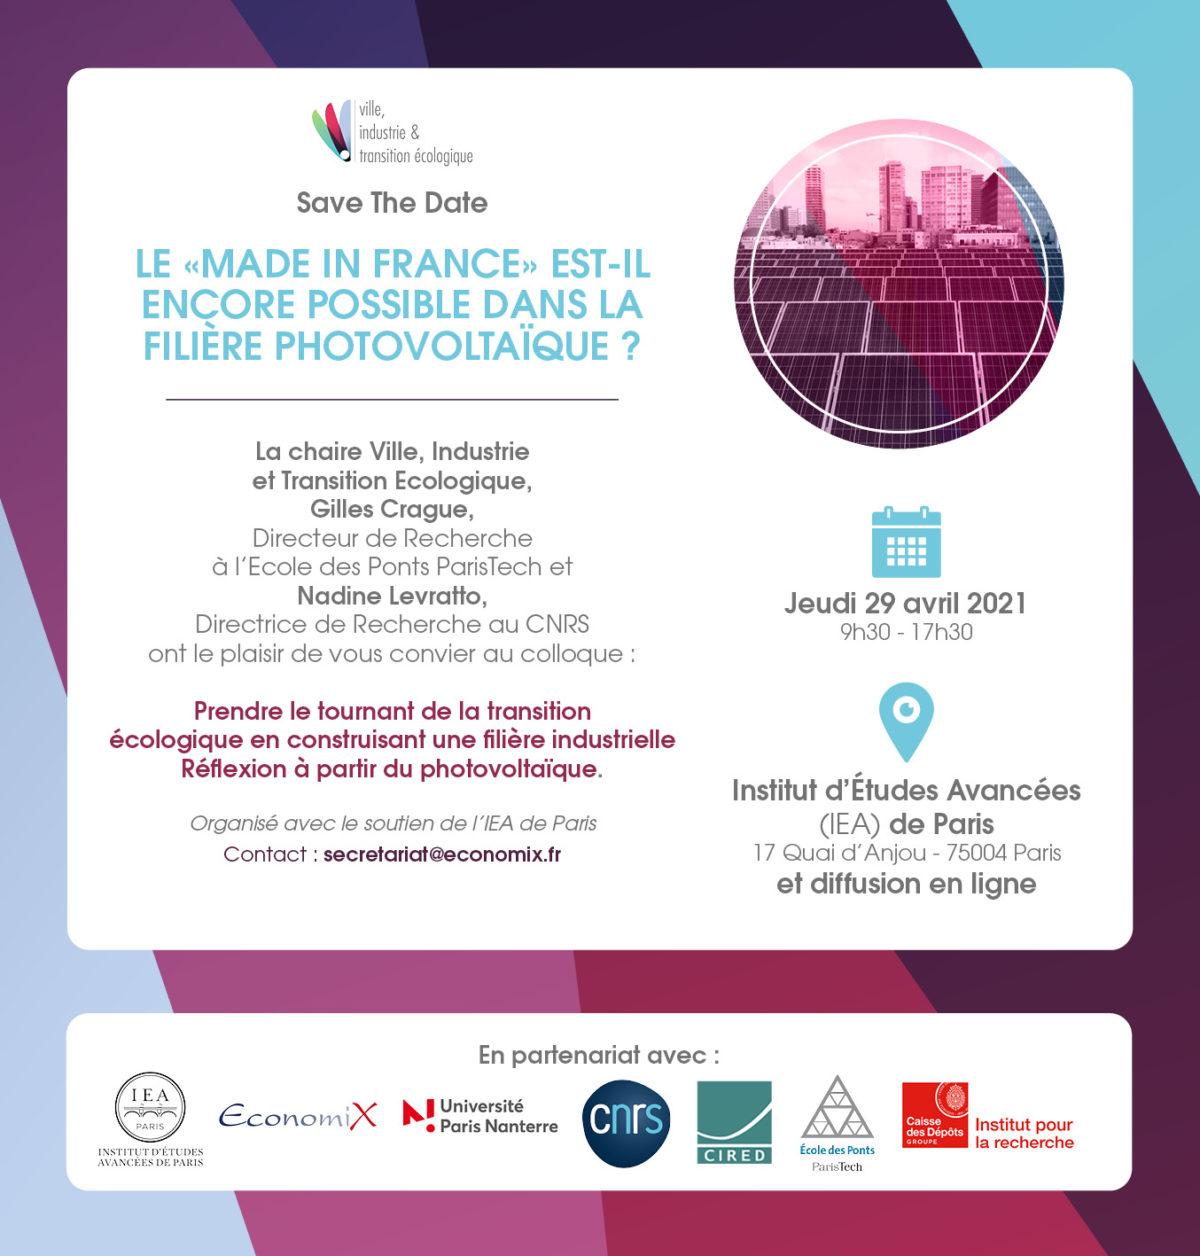 """28 septembre : Colloque de la chaire VITE à l'Institut d'Etudes Avancées de Paris sur le thème """"Prendre le tournant de la transition écologique en construisant une filière industrielle – Réflexion à partir du photovoltaïque"""